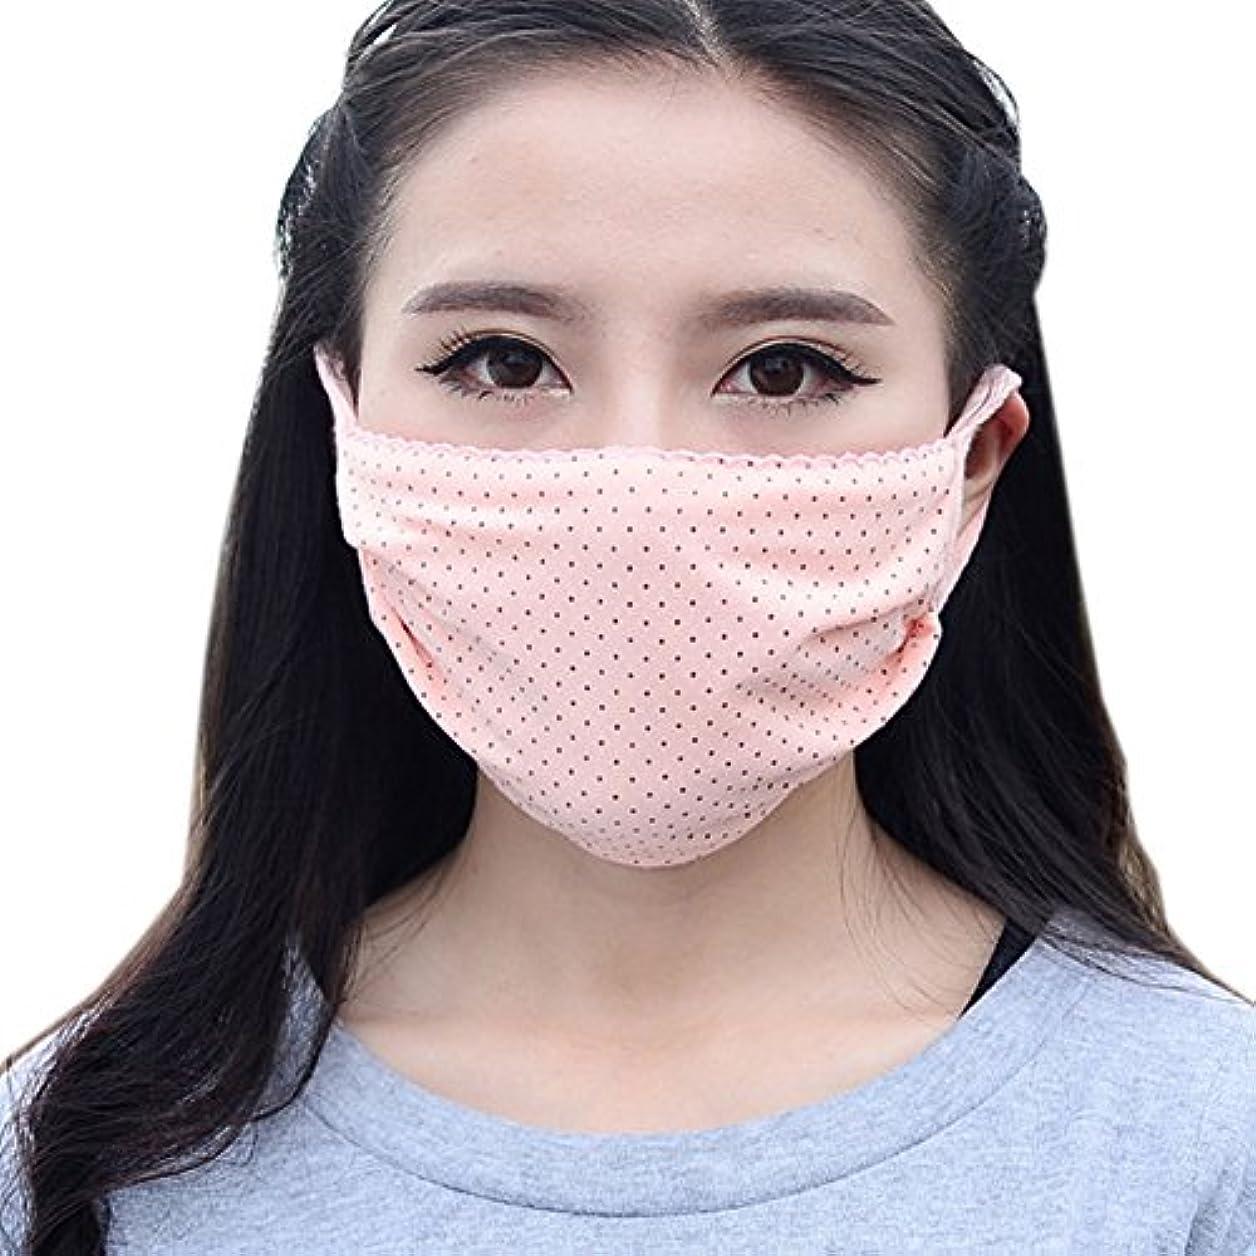 窒息させる盆地めまい夏の薄いコットンマスク、肌色のドット